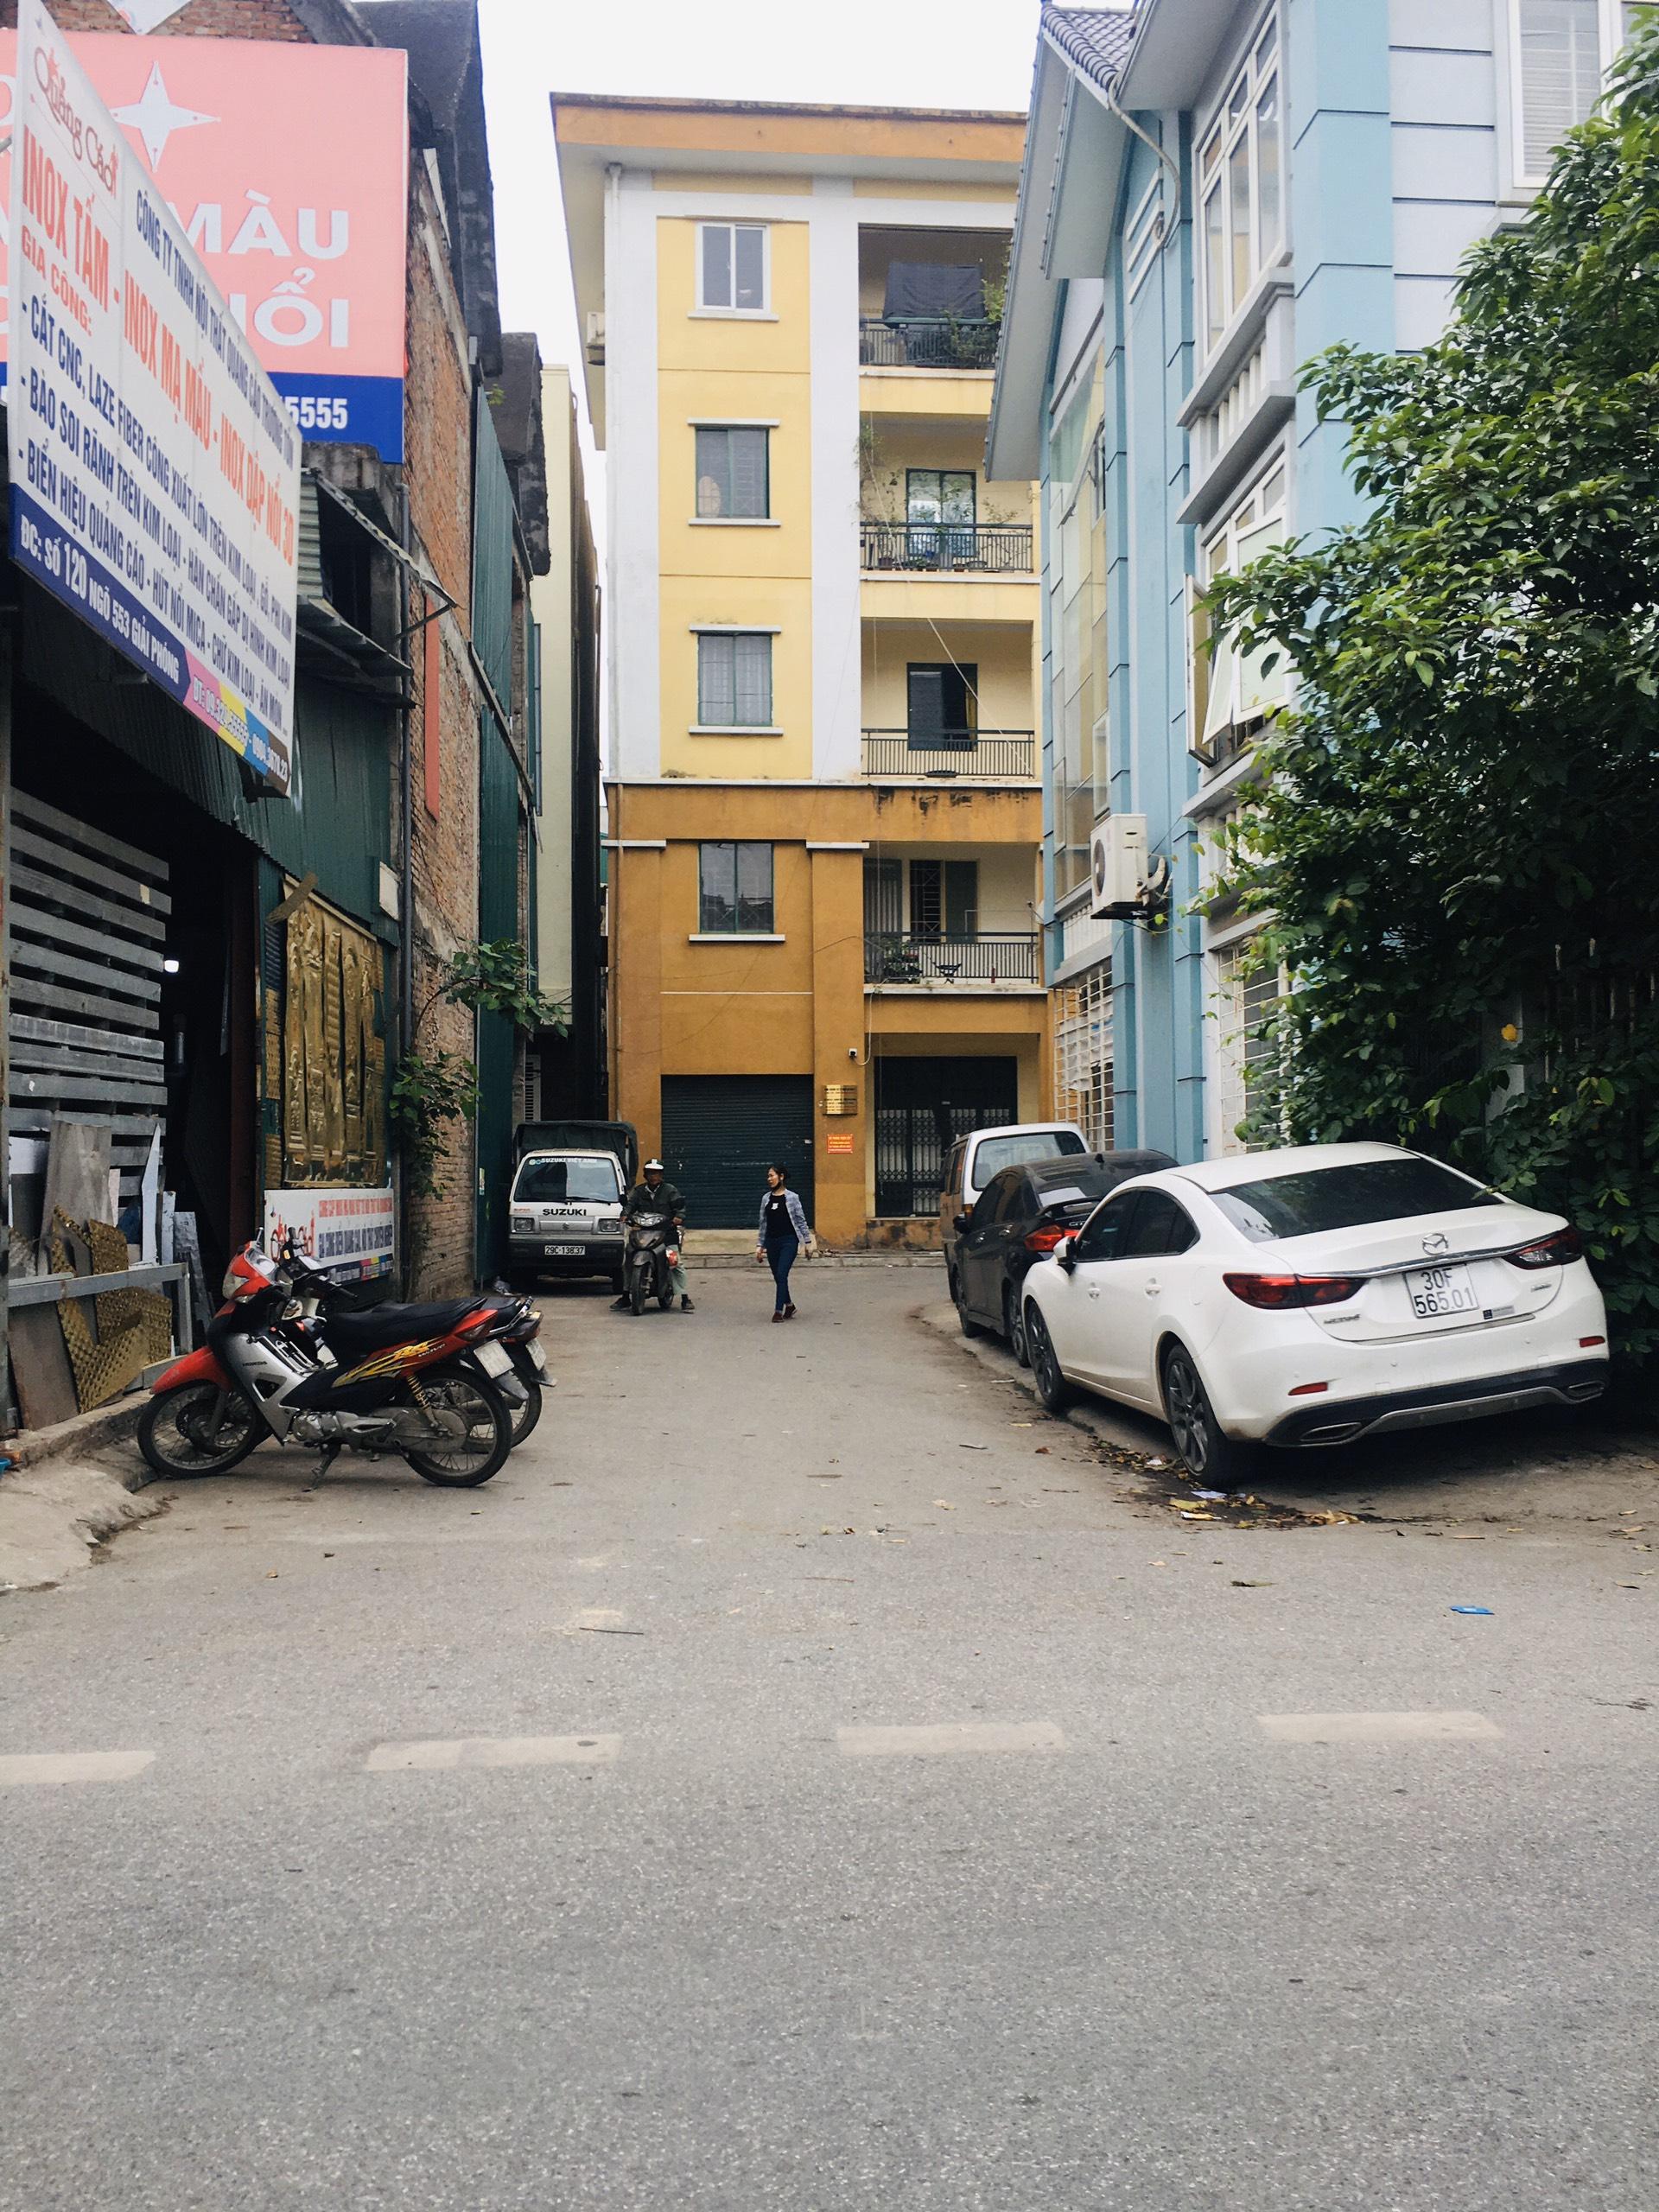 Cần bán Nhà mặt tiền đường Nguyễn Sơn, Phường Ngọc Lâm, Diện tích 87m², Giá 16.8 Tỷ - LH: 0984142941